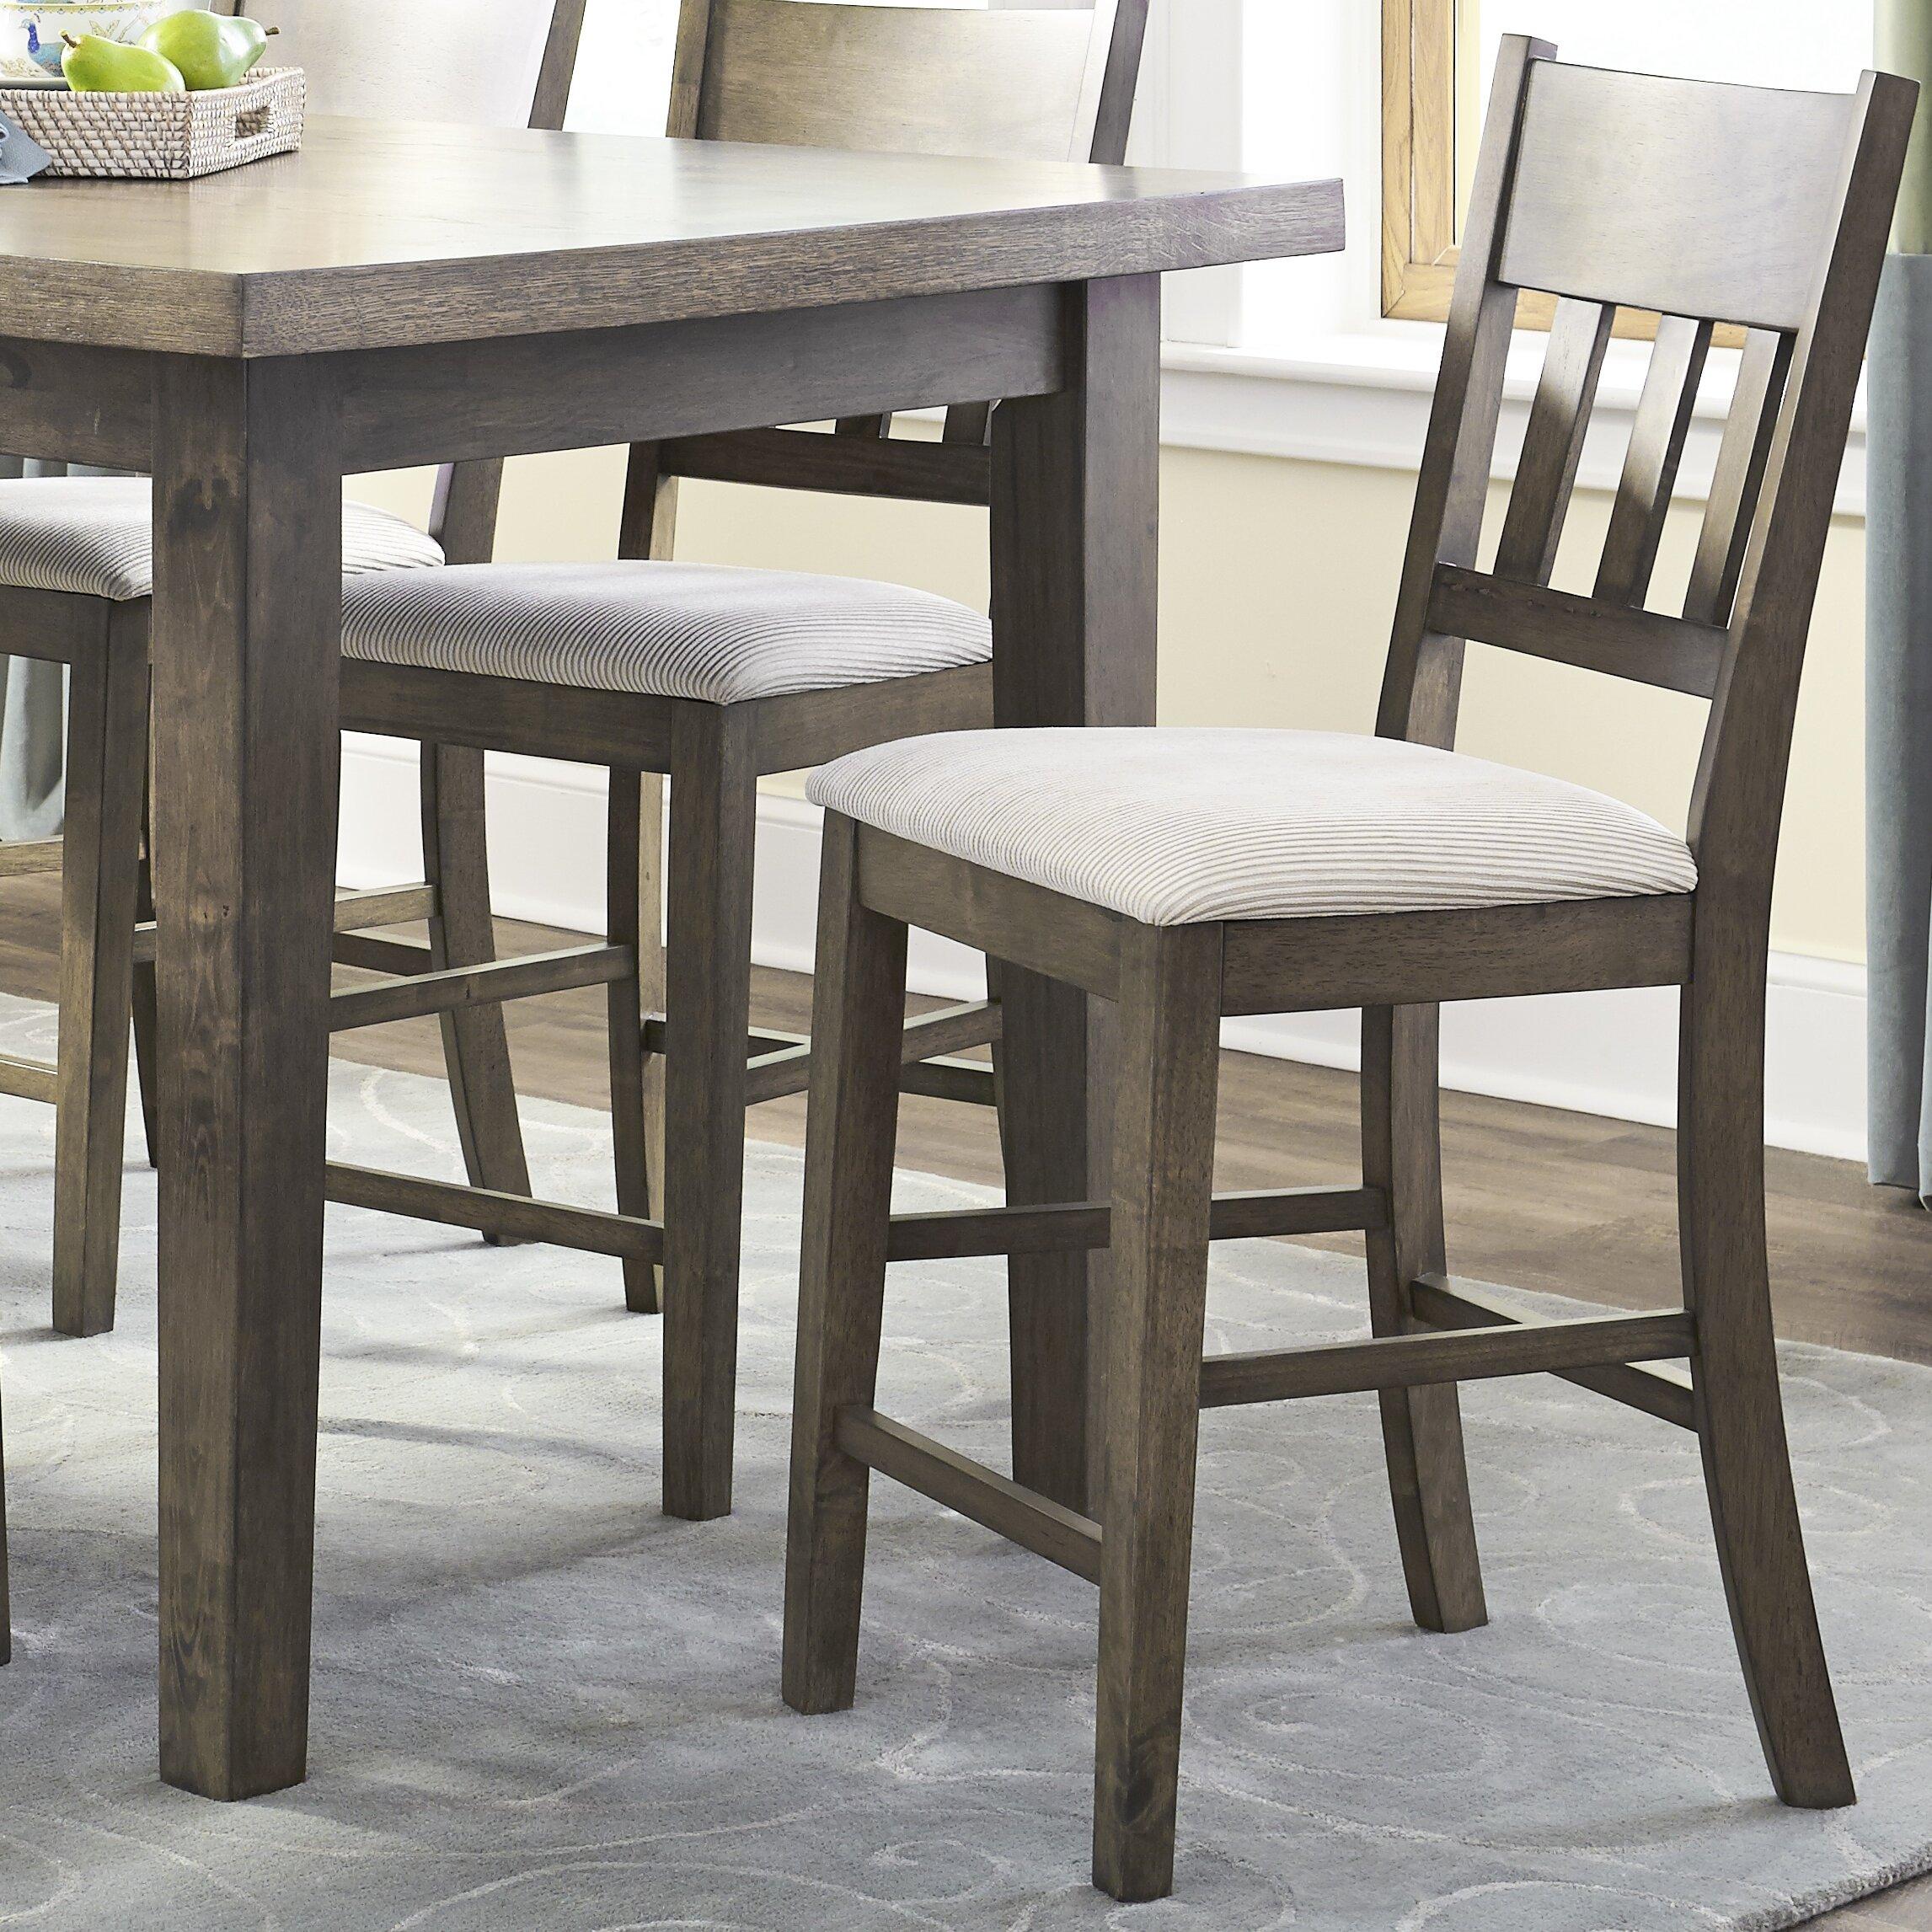 Brayden studio nelumbo 7 piece counter height dining set for 7 piece dining room set counter height